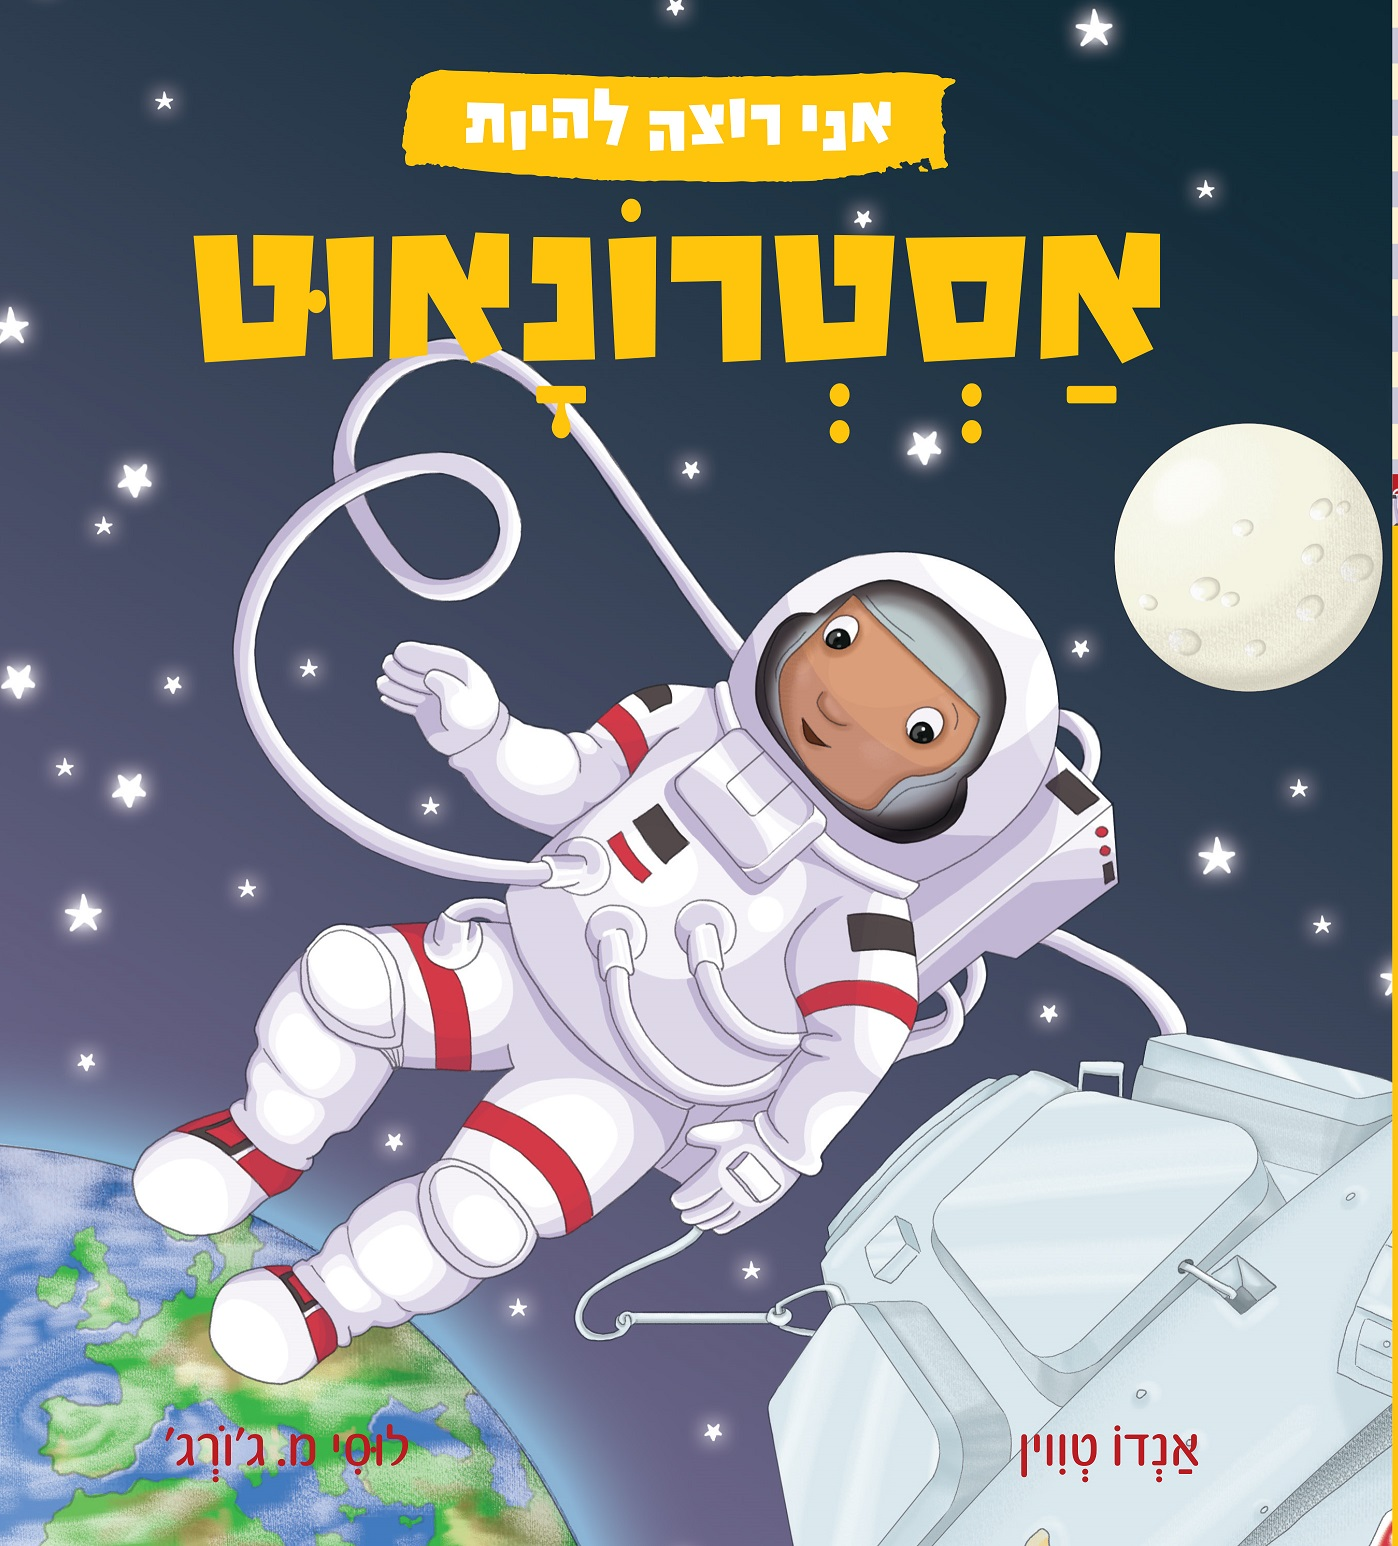 אני רוצה להיות אסטרונאוט/ אנדוטווין לוסי מ. ג'ורג